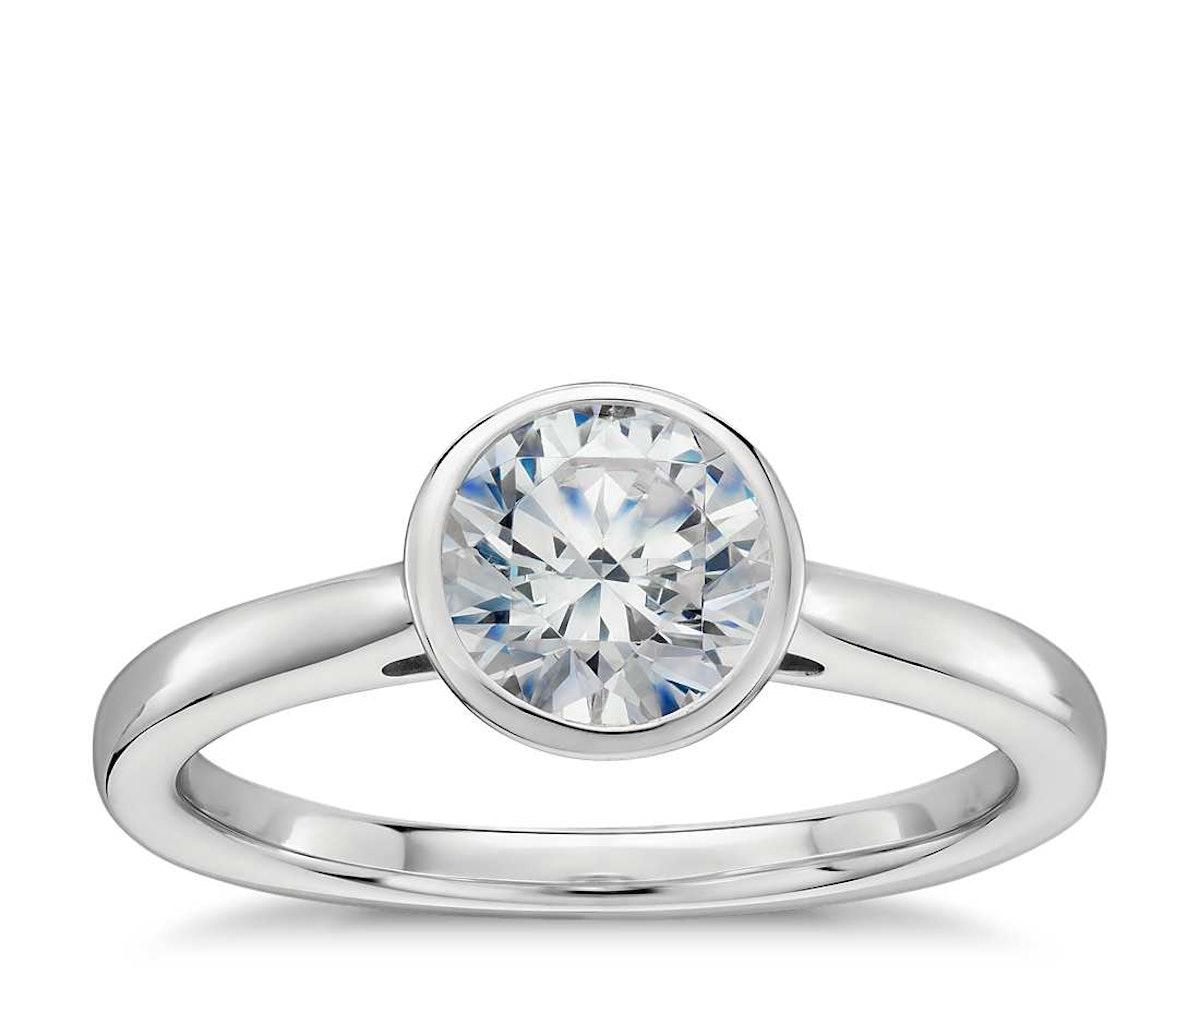 Bazel Set Solitaire Engagement Ring - Platinum